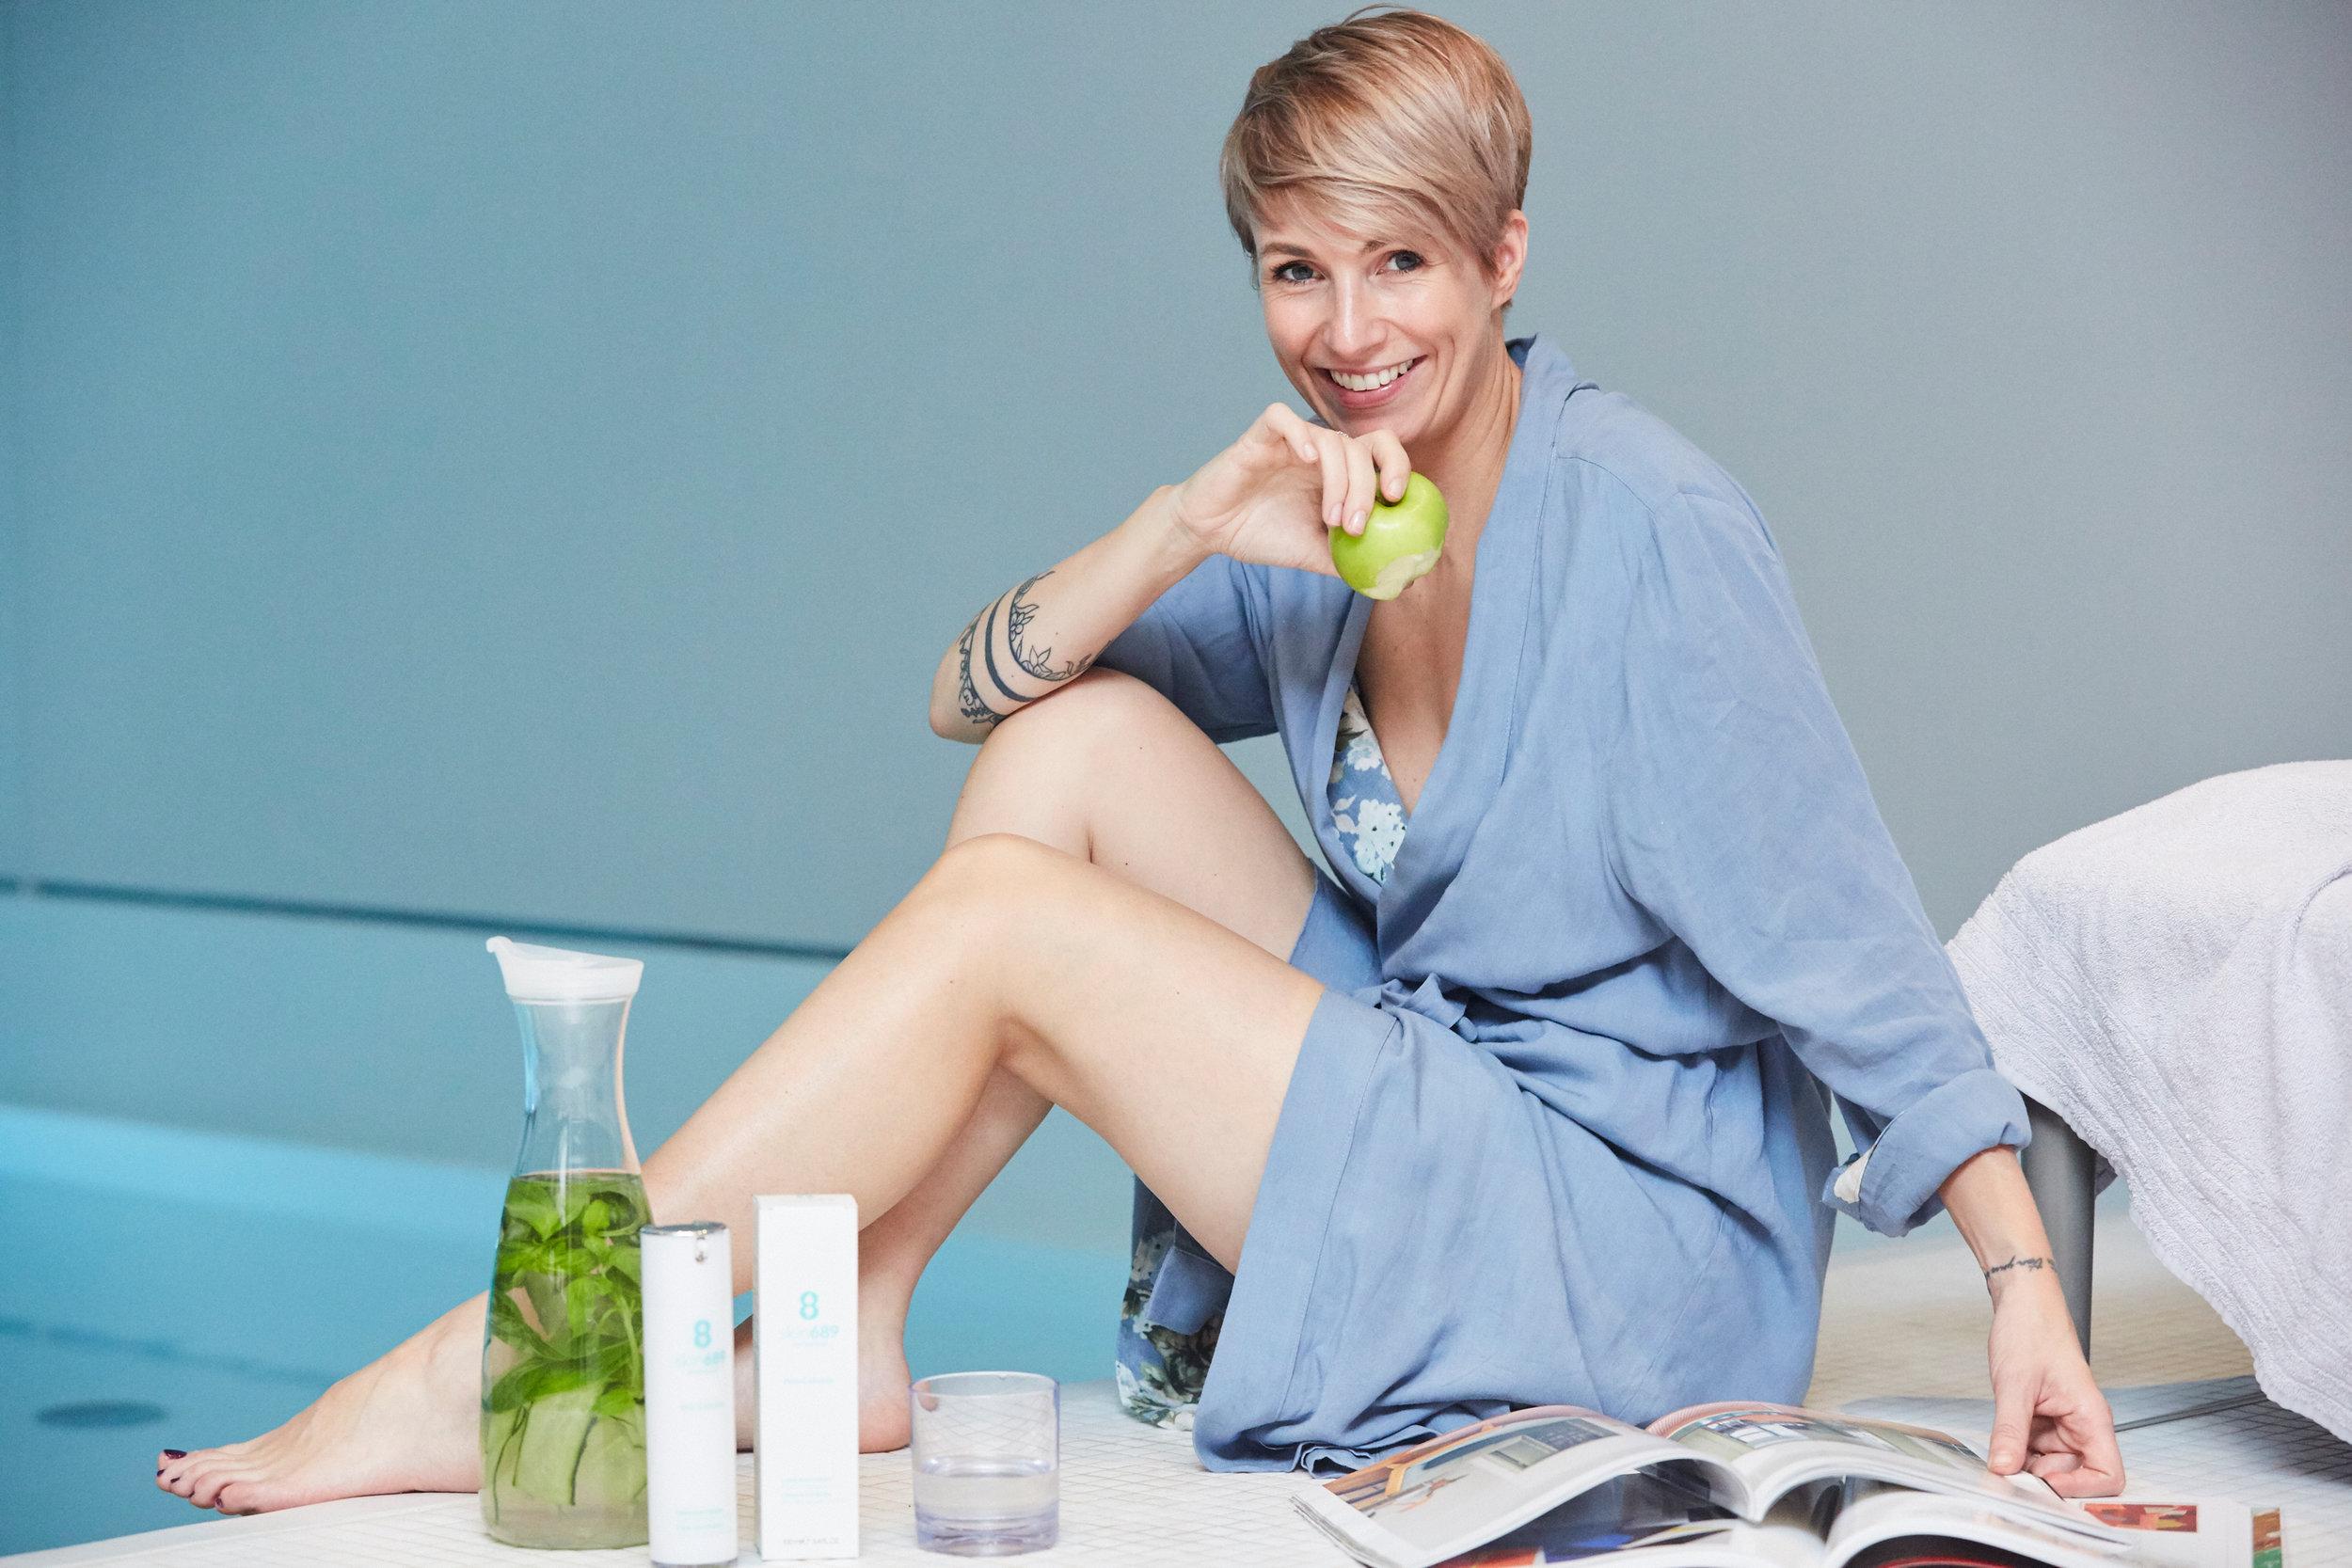 BEAUTY TIPPanti cellulite - Fast 80% aller deutschen Frauen sind von Cellulite betroffen, nur ca.10% versuchen mit regelmäßigem Eincremen dagegen anzugehen. Jede 2. Frau besitzt eine Anti-Aging Creme, aber gegen Cellulite wird kaum etwas unternommen. Nun gut, bis vor ca. einem Jahr dachte ich ja auch, dass eh nichts hilft, außer sich unter das Messer zu legen…LOS GEHT'S